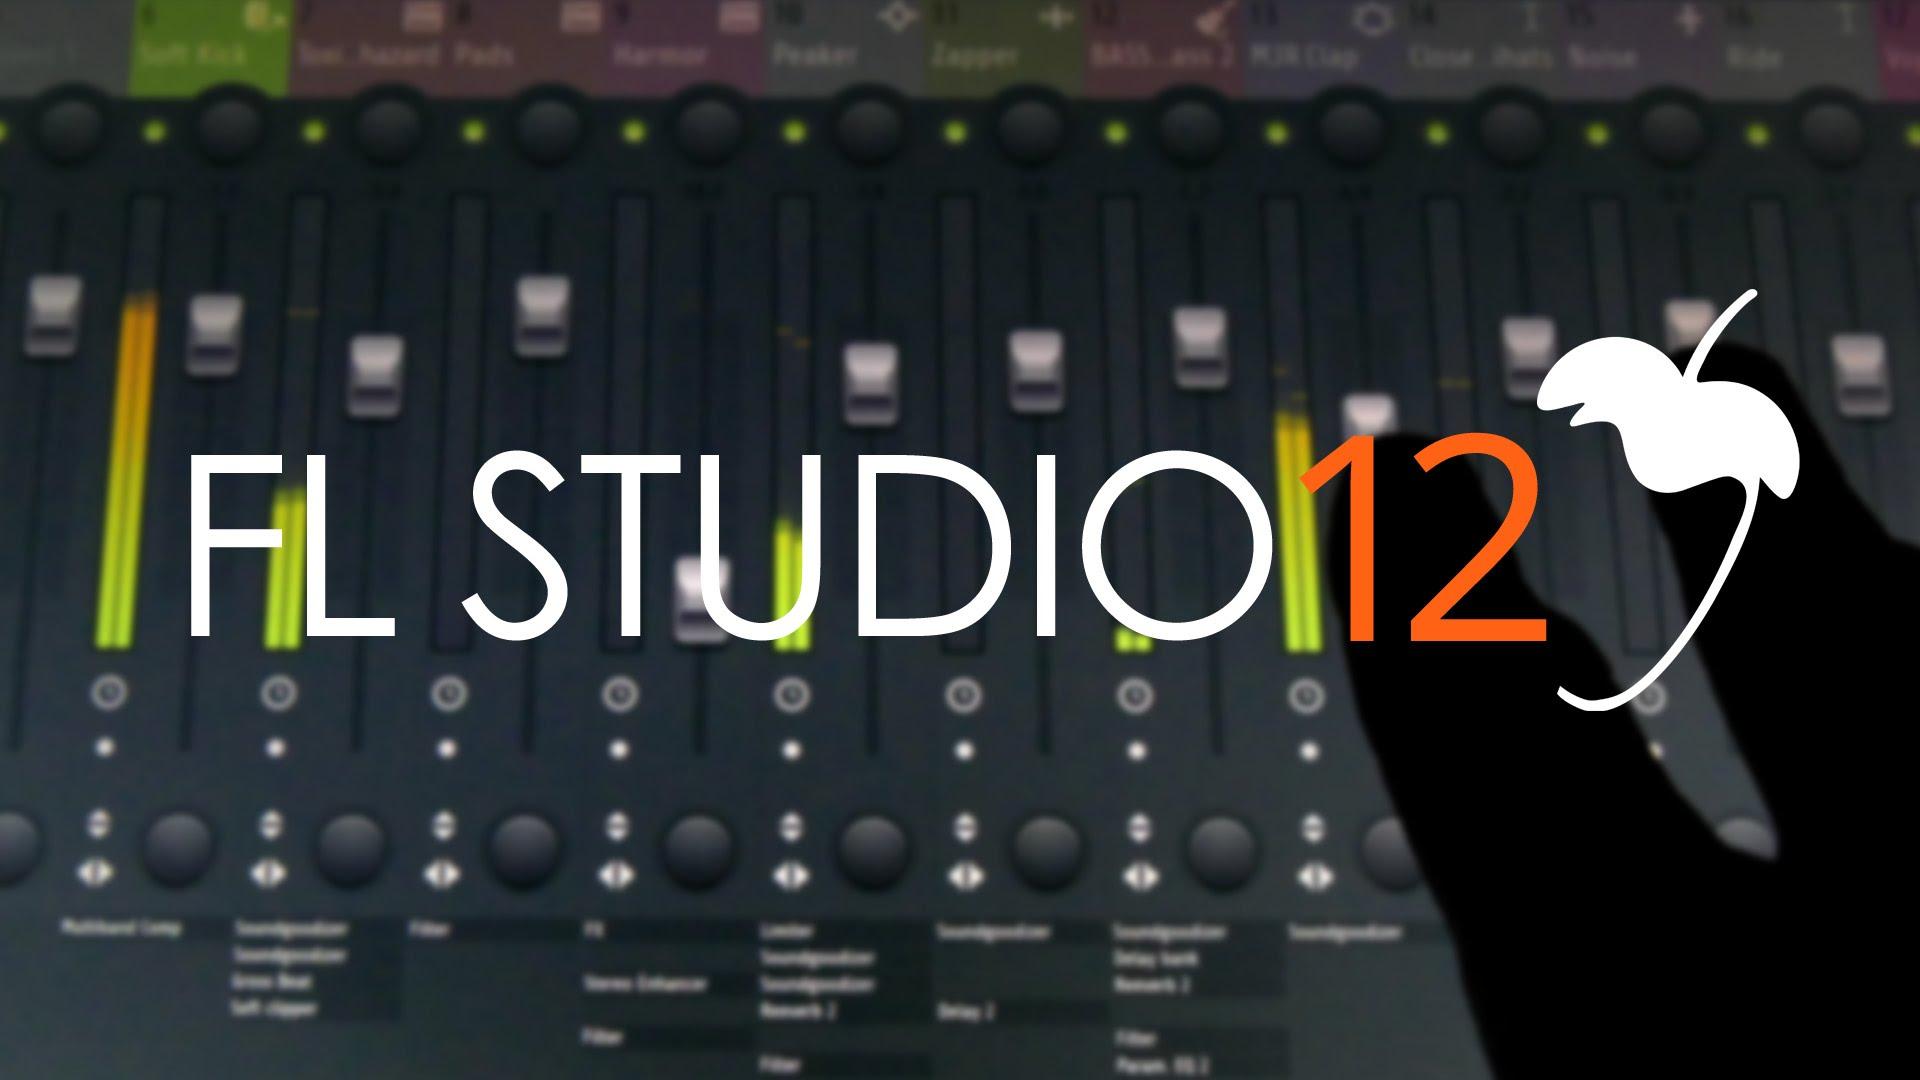 Fl Studio 12 Te Gusta Ser Un Pirata